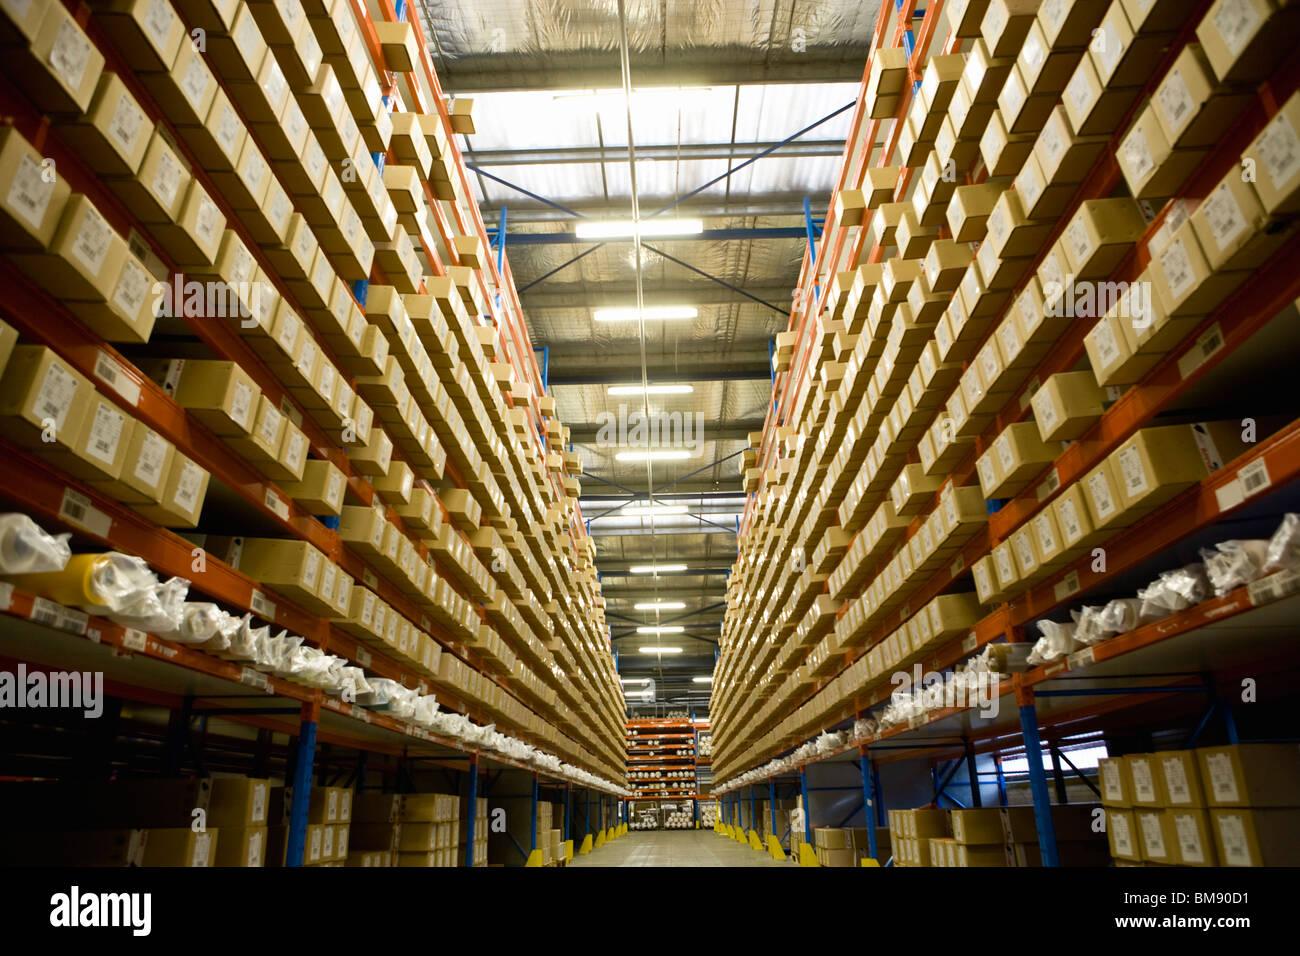 Entrepôt rempli de produits textiles enduits Photo Stock